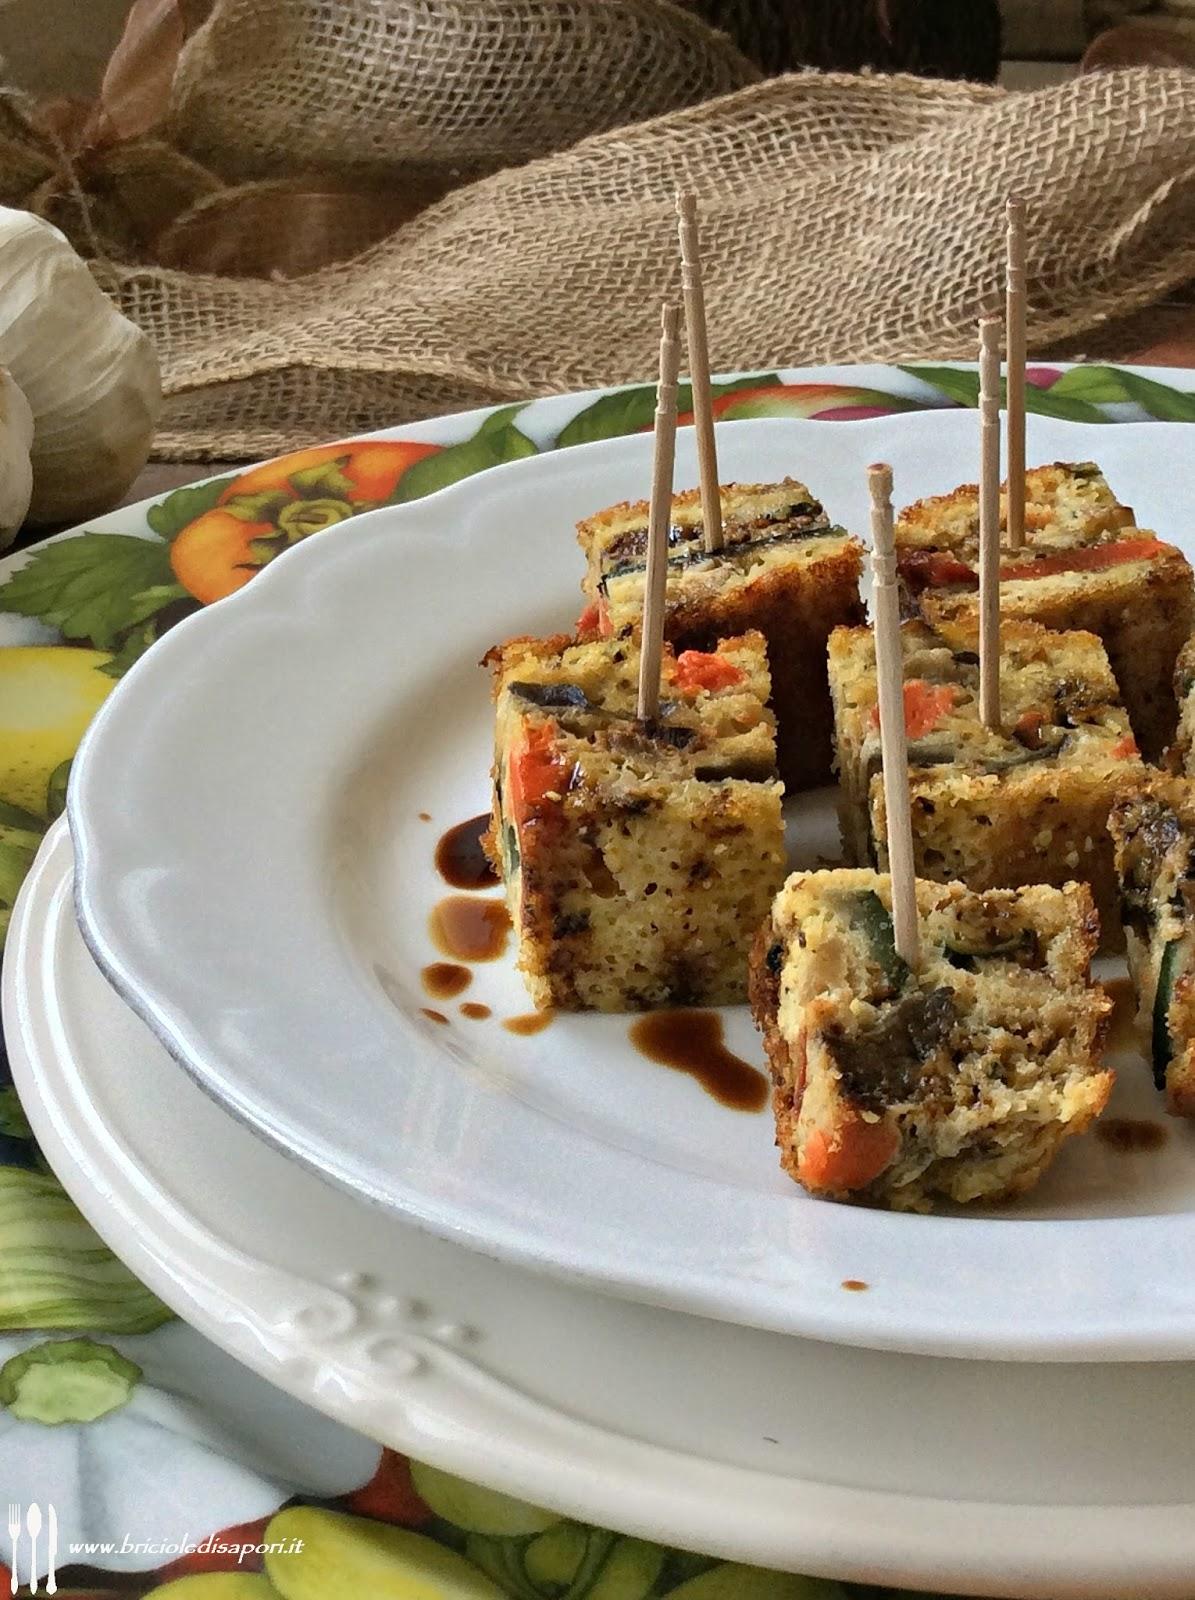 cubetti di frittata con verdure e aceto balsamico